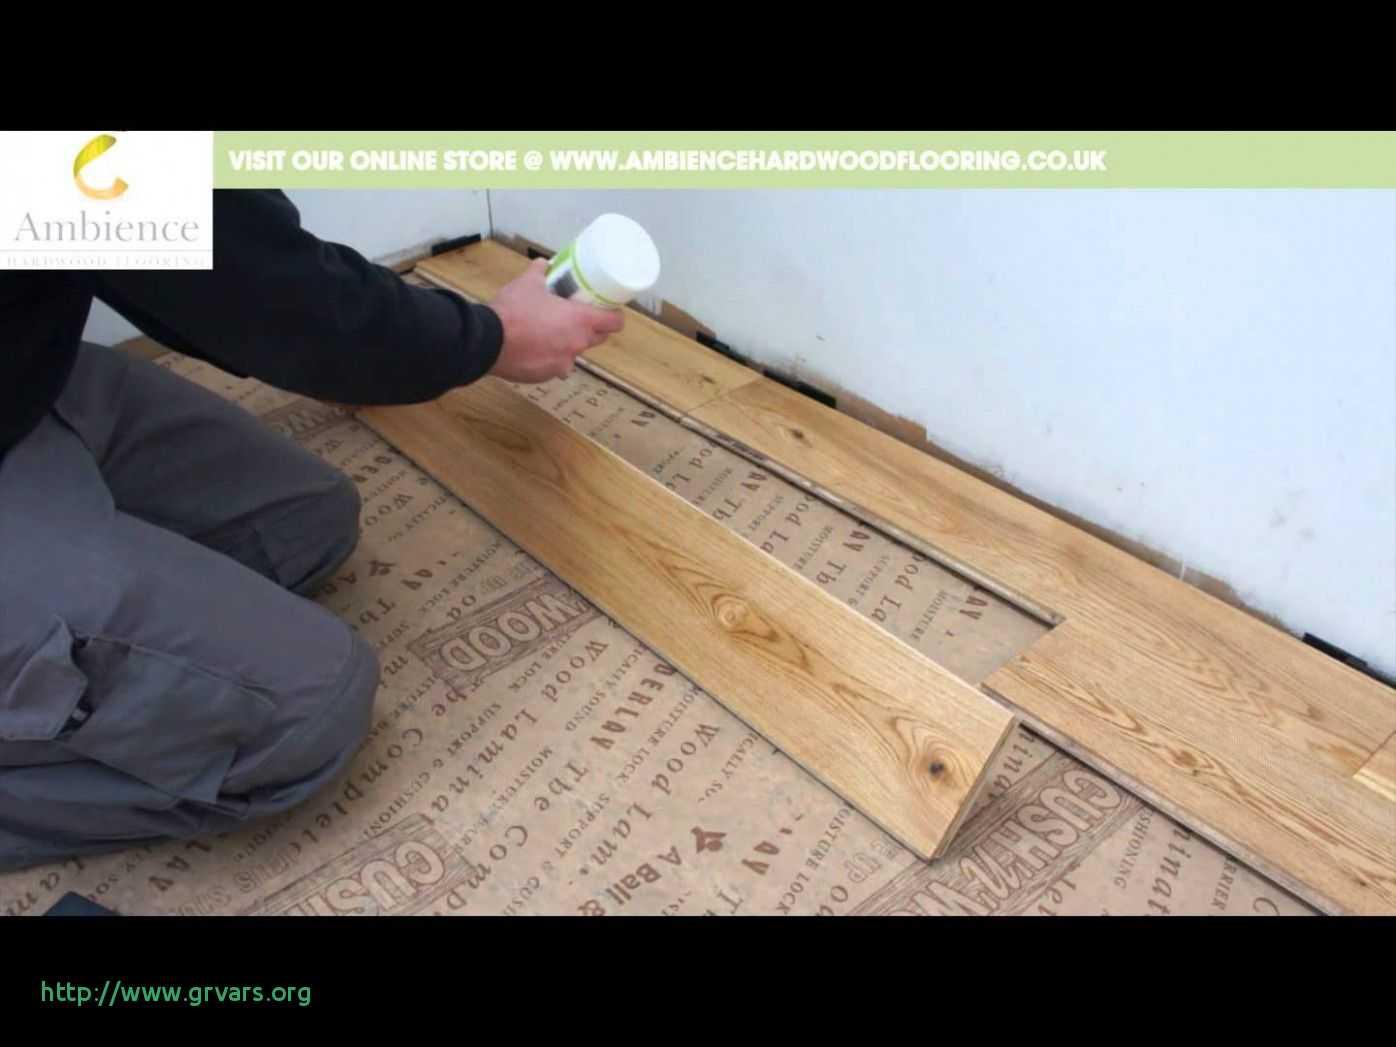 Installing Engineered Hardwood Flooring On Concrete Of Best Way to Install Engineered Wood Flooring Beau How to Install In Best Way to Install Engineered Wood Flooring Beau How to Install Engineered tongue How to Install Engineered Wood